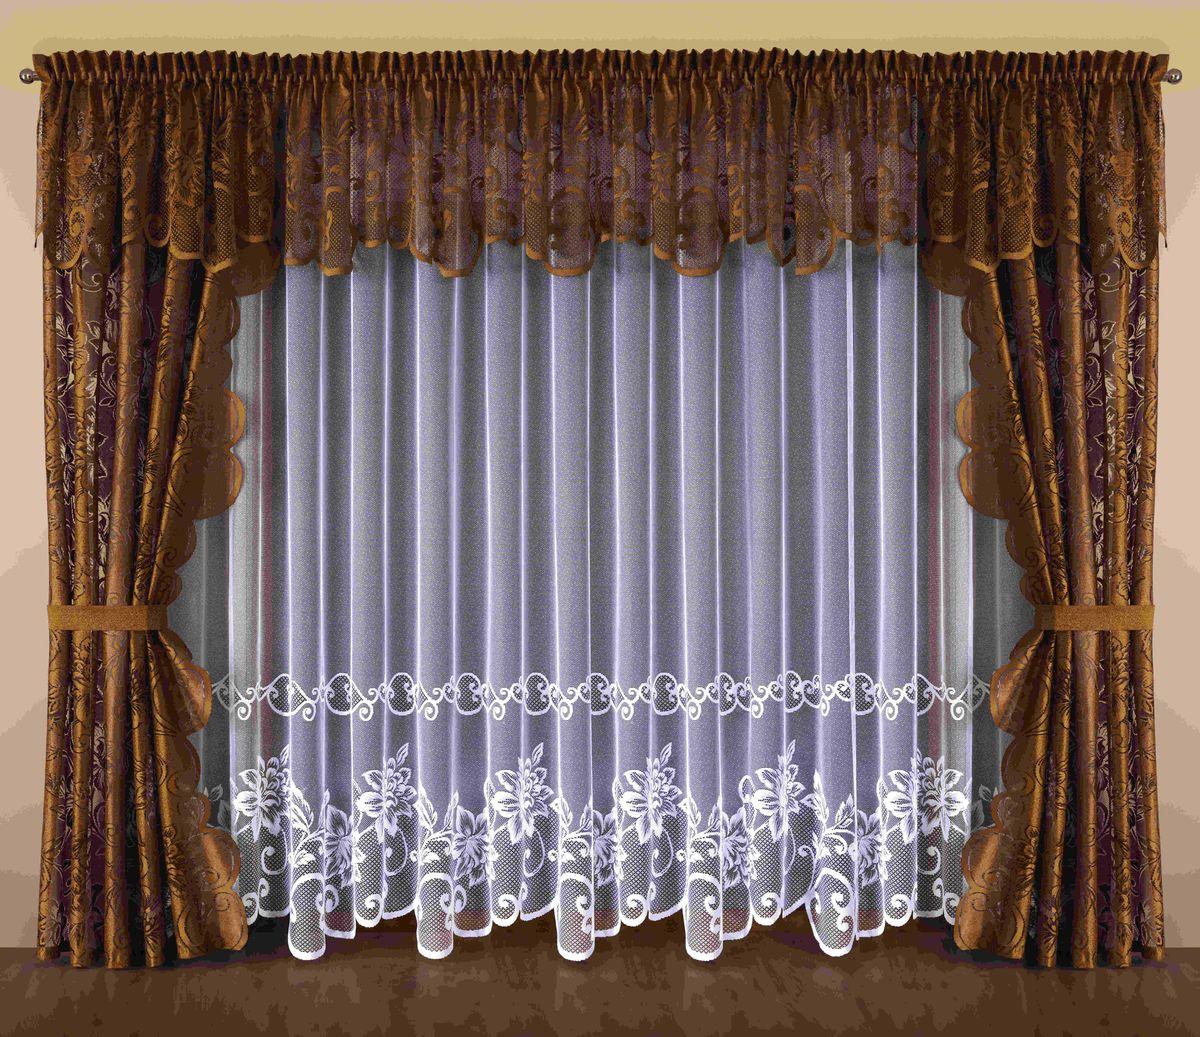 Комплект штор Wisan Kalista, на ленте, цвет: белый, коричневый, высота 250 см193WКомплект штор Wisan Kalista выполненный из полиэстера, великолепно украсит любое окно. В комплект входят 2 шторы, тюль, ламбрекен и 2 подхвата. Интересный крой и цветочный узор придают комплекту особый стиль и шарм. Тонкое плетение, нежная цветовая гамма и роскошное исполнение - все это делает шторы Wisan Kalista замечательным дополнением интерьера помещения. Комплект оснащен шторной лентой для красивой сборки. В комплект входит: Штора - 2 шт. Размер (ШхВ): 145 см х 250 см. Тюль - 1 шт. Размер (ШхВ): 500 см х 250 см. Ламбрекен - 1 шт. Размер (ШхВ): 500 см х 70 см. Подхват - 2 шт. Фирма Wisan на польском рынке существует уже более пятидесяти лет и является одной из лучших польских фабрик по производству штор и тканей. Ассортимент фирмы представлен готовыми комплектами штор для гостиной, детской, кухни, а также текстилем для кухни (скатерти, салфетки, дорожки, кухонные занавески). Модельный ряд отличает оригинальный...